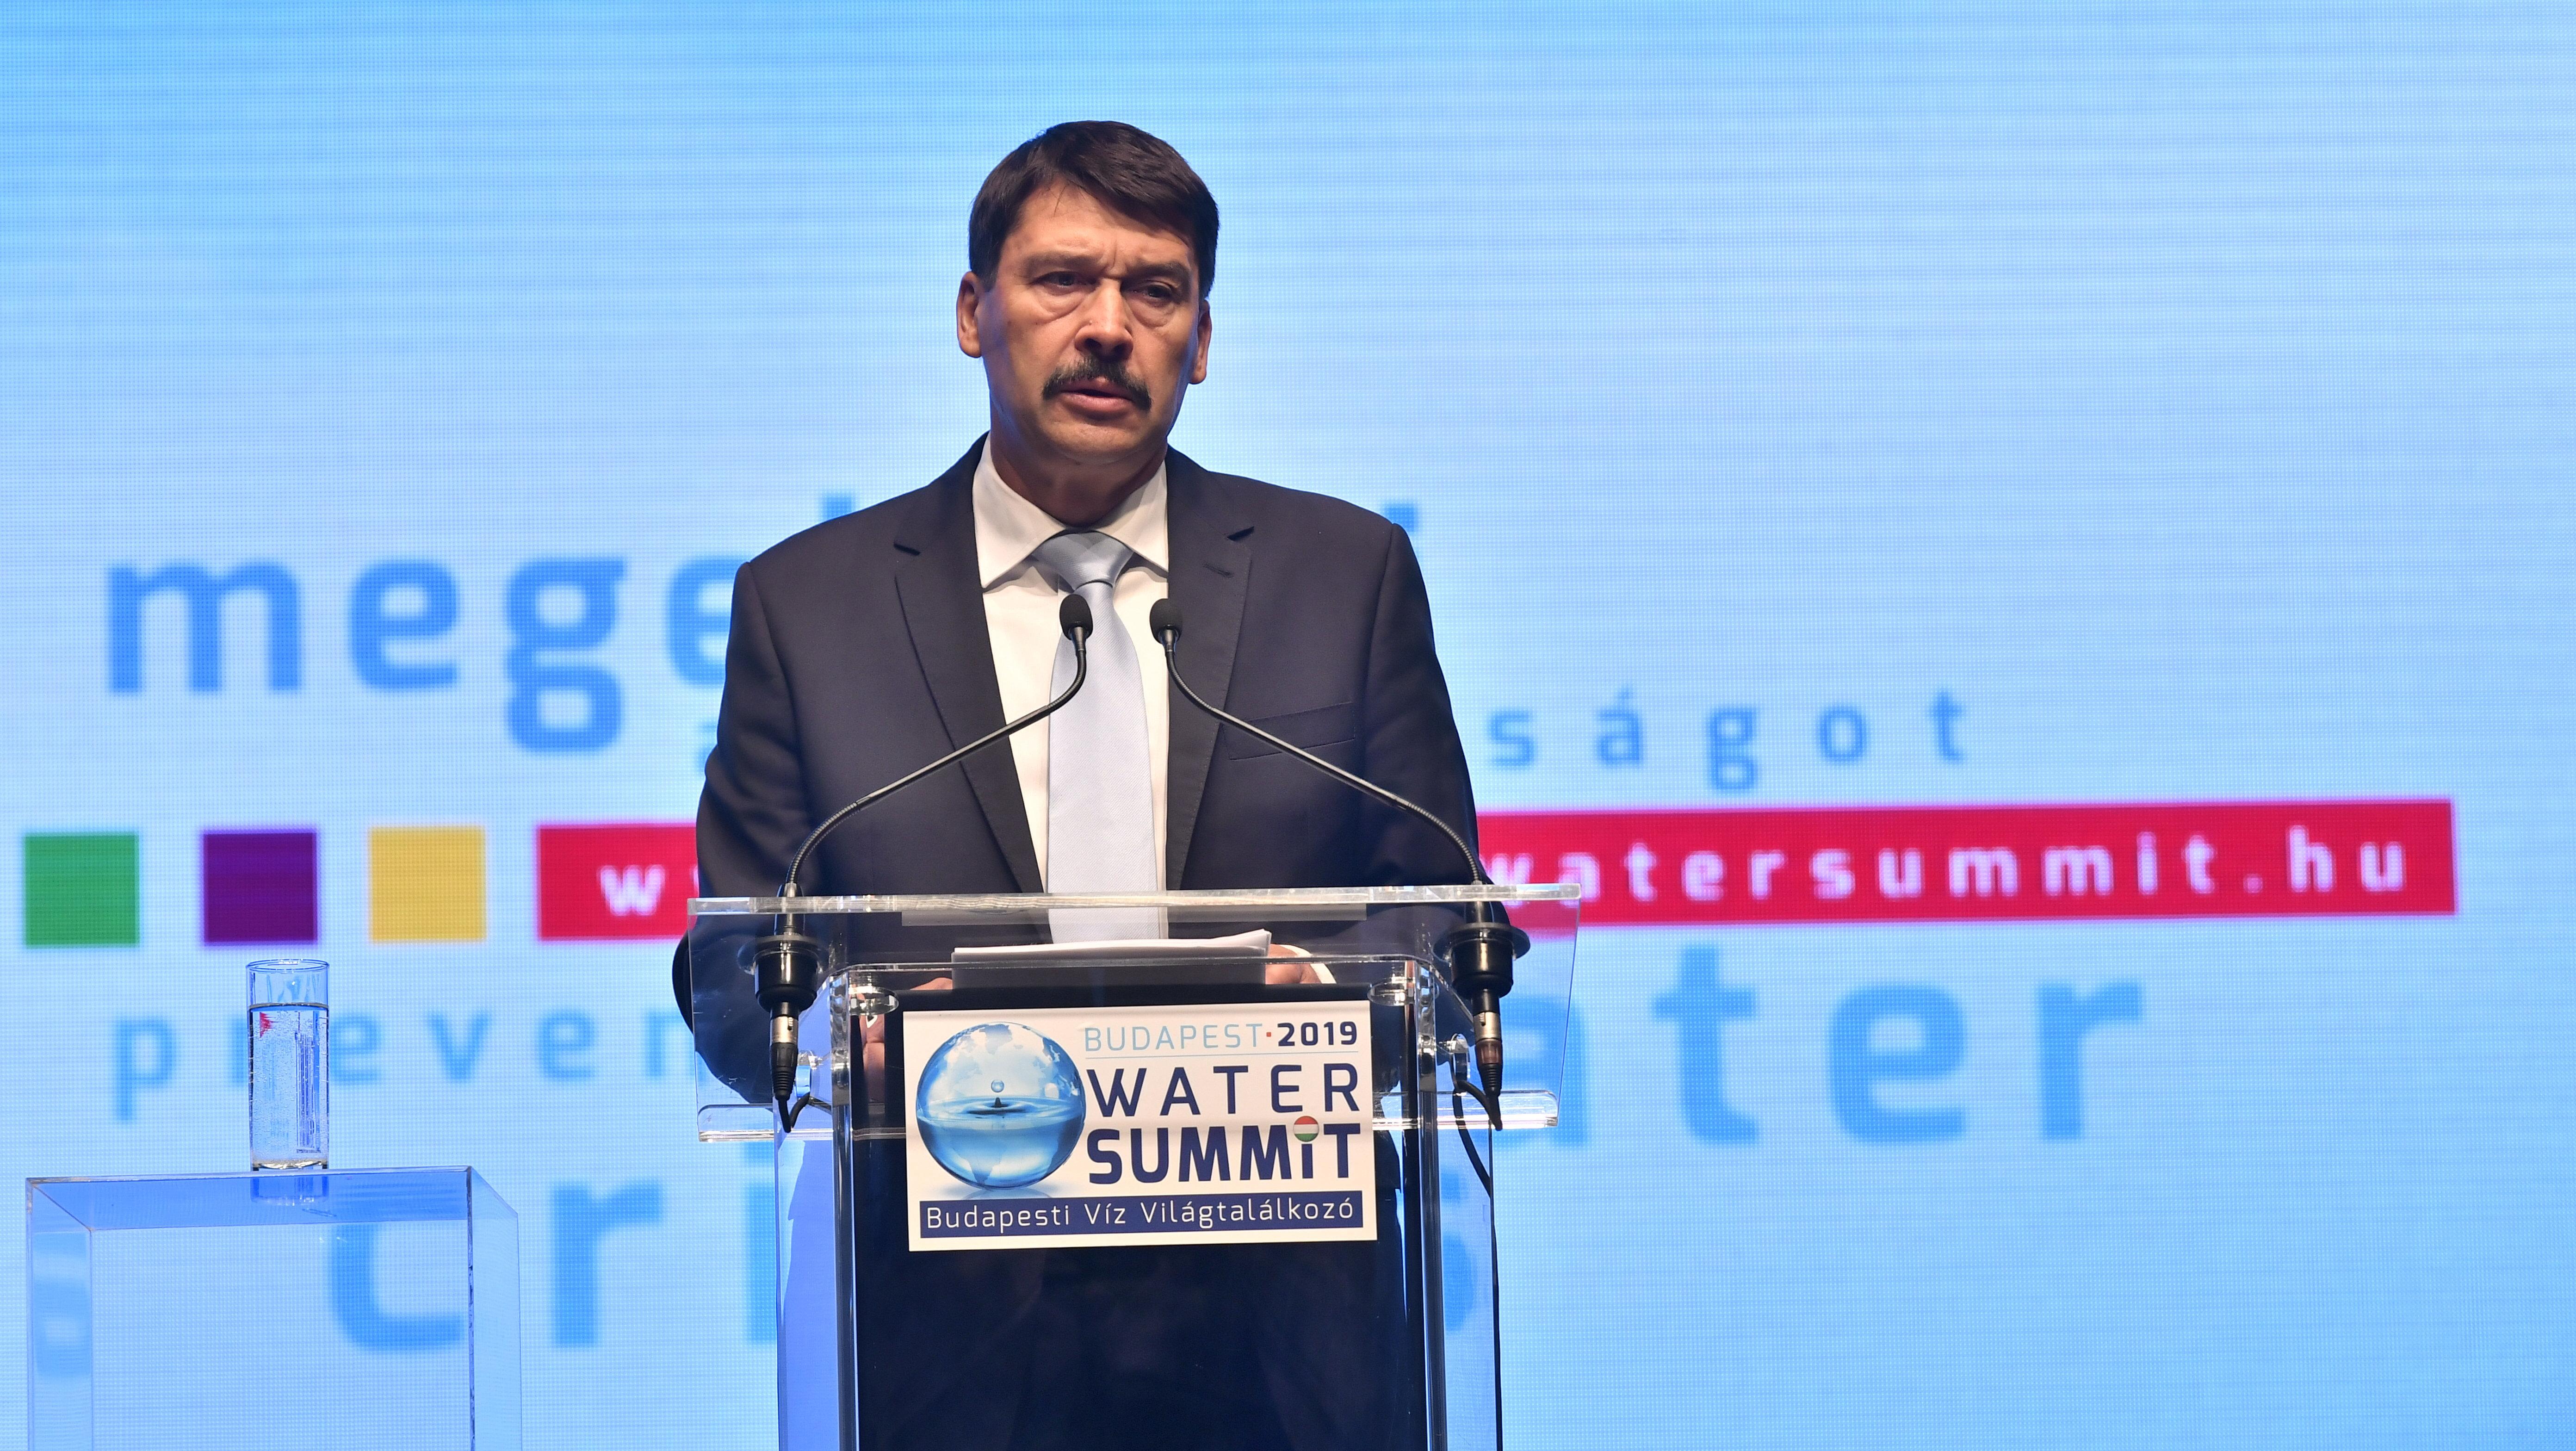 """Präsident Áder: """"Es gibt keinen rechten oder linken Klimawandel"""" post's picture"""